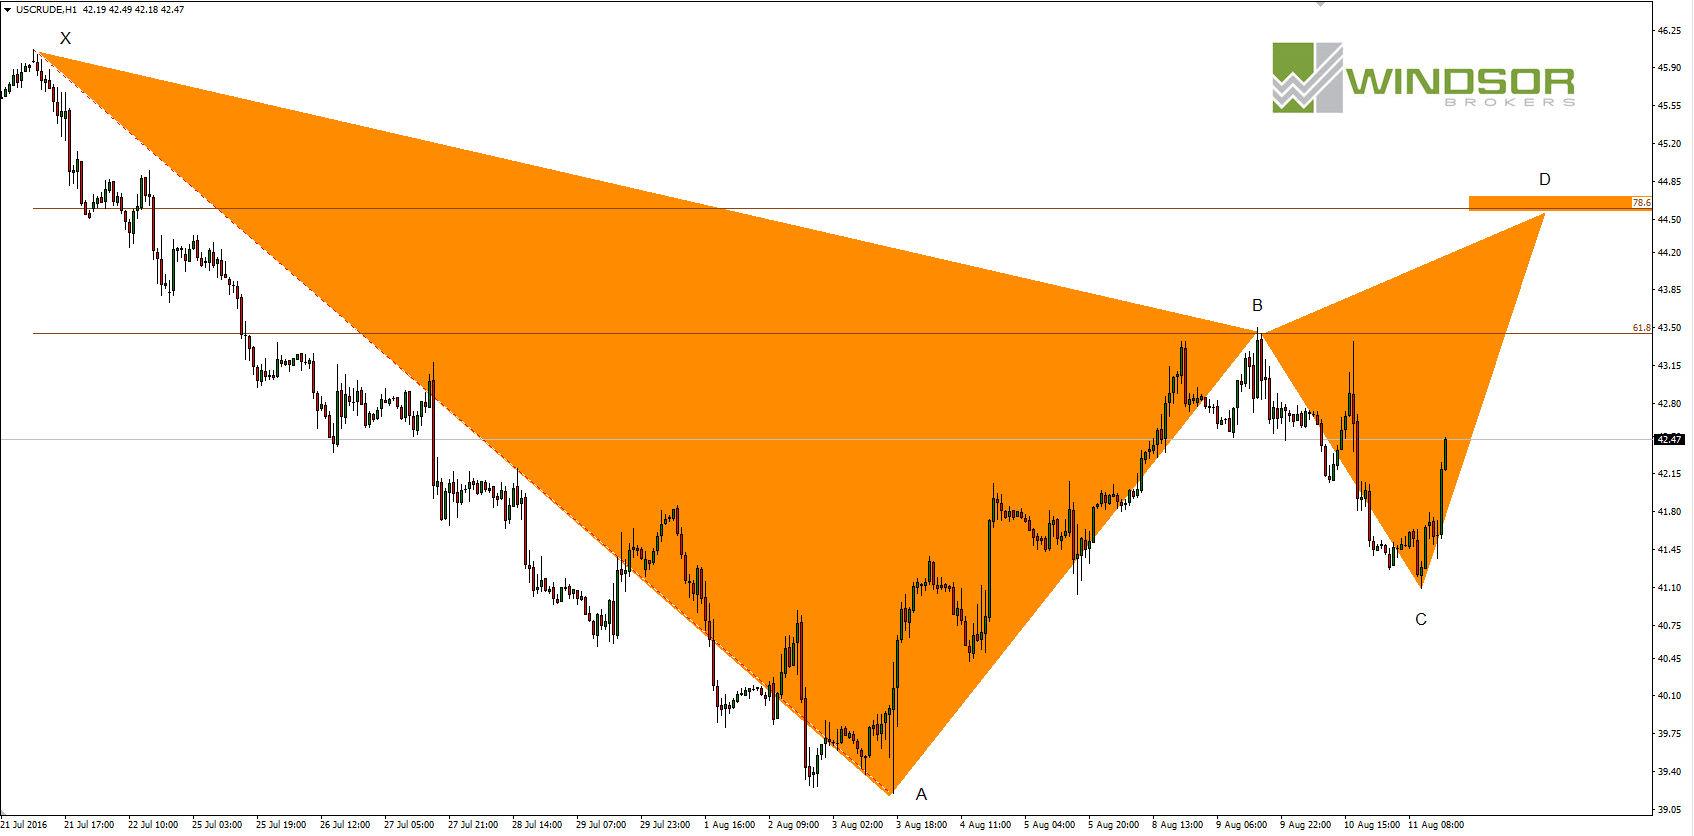 Wykres OIL CRUDE dla interwału H1.